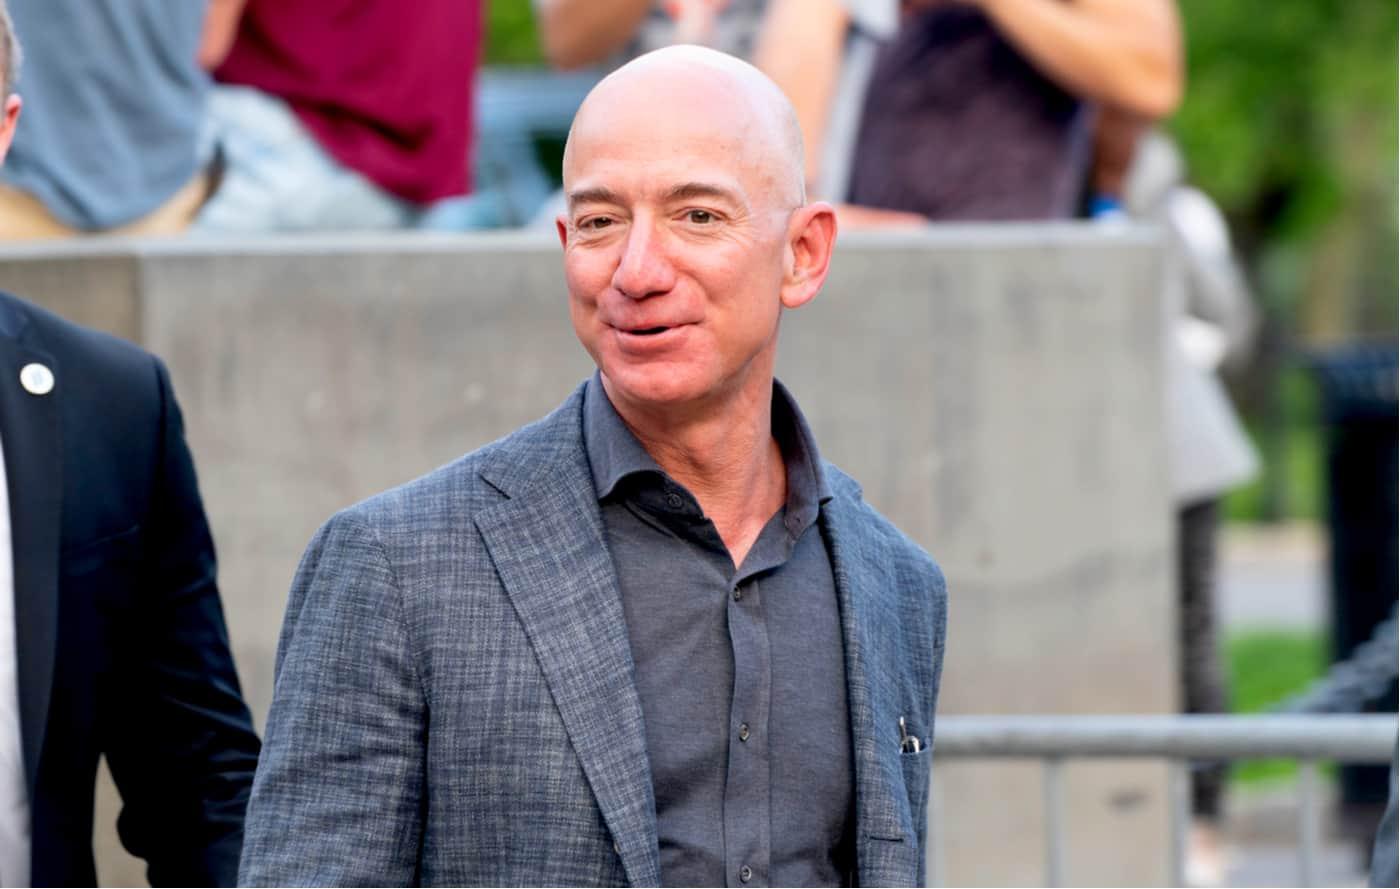 Jeff Bezos, es el número uno entre las 10 personas más ricas del mundo.